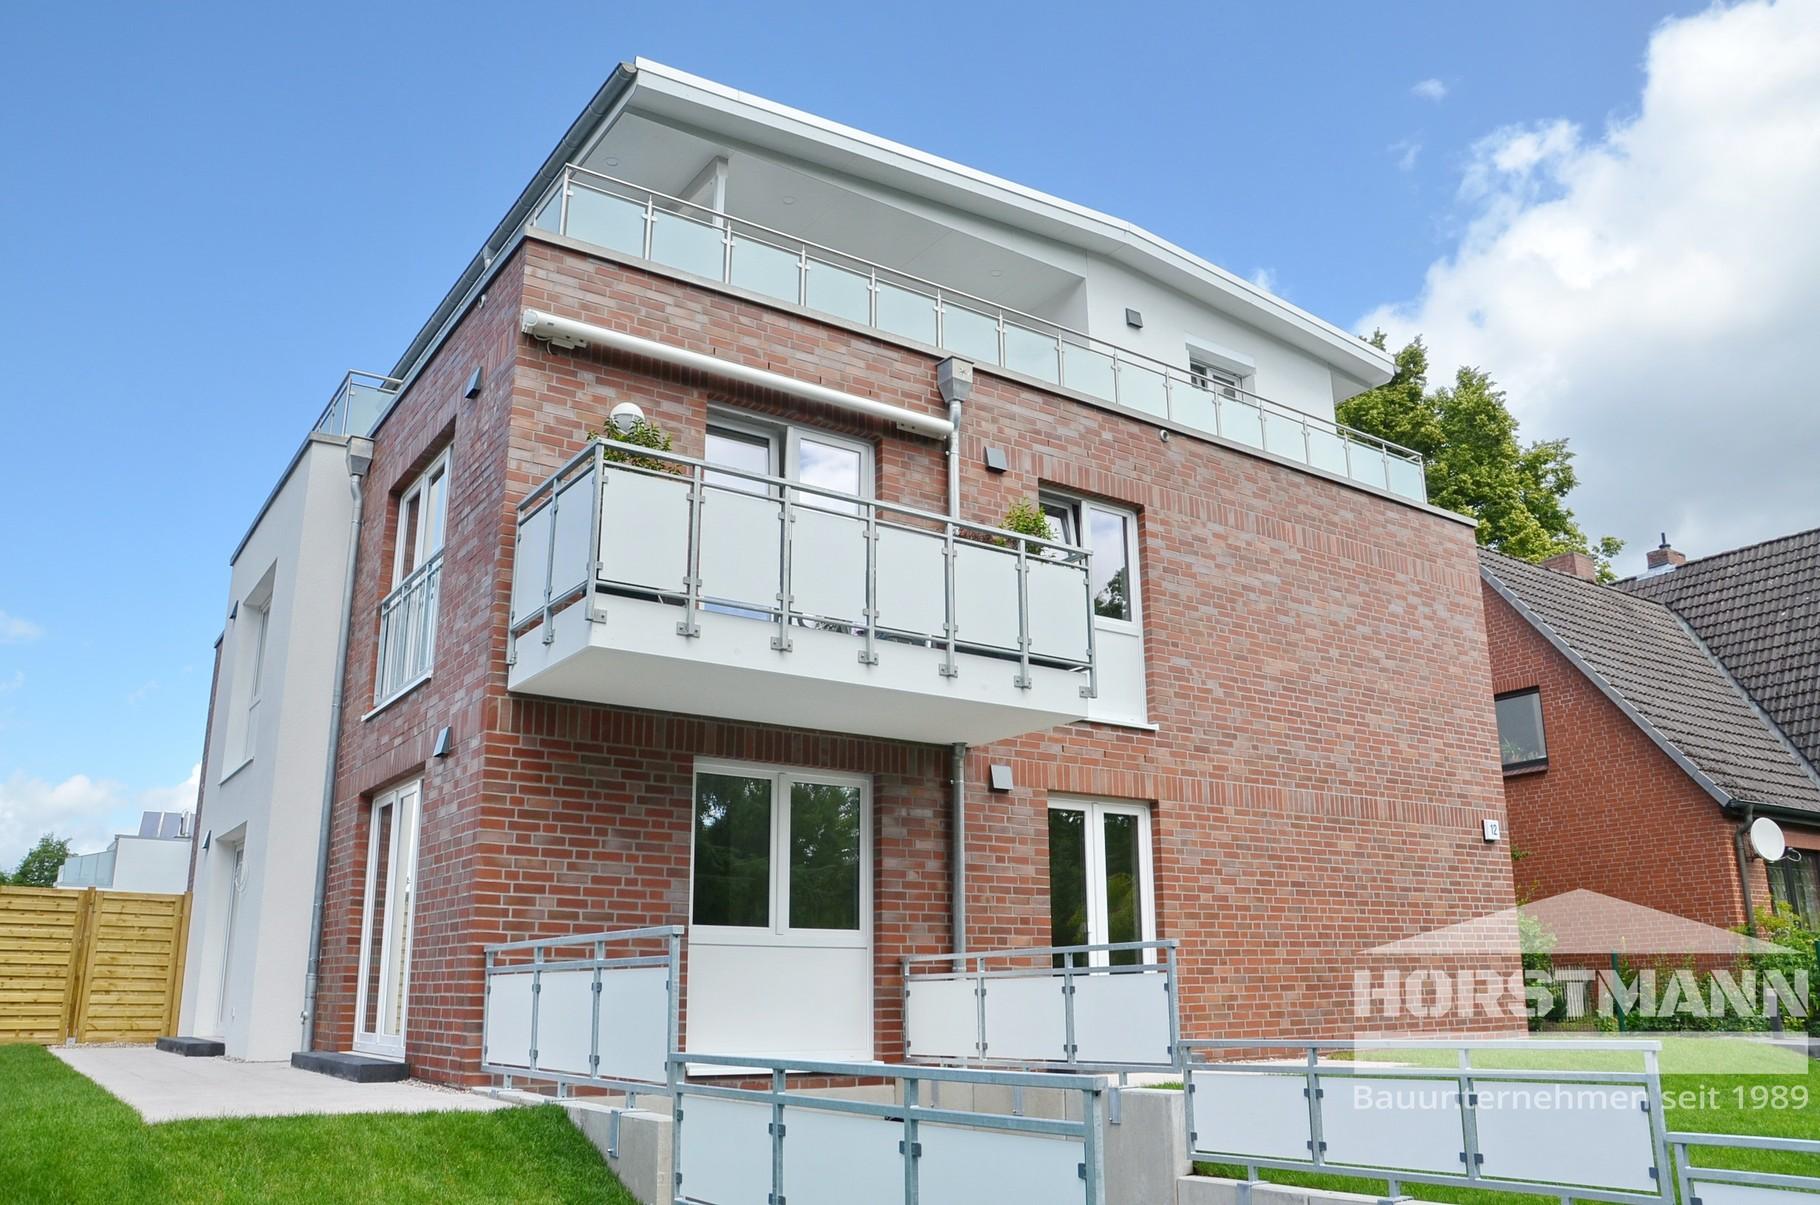 Mehrfamilienhaus - Hamburg-Hummelsbüttel - Baujahr 2015 - 4 Wohneinheiten